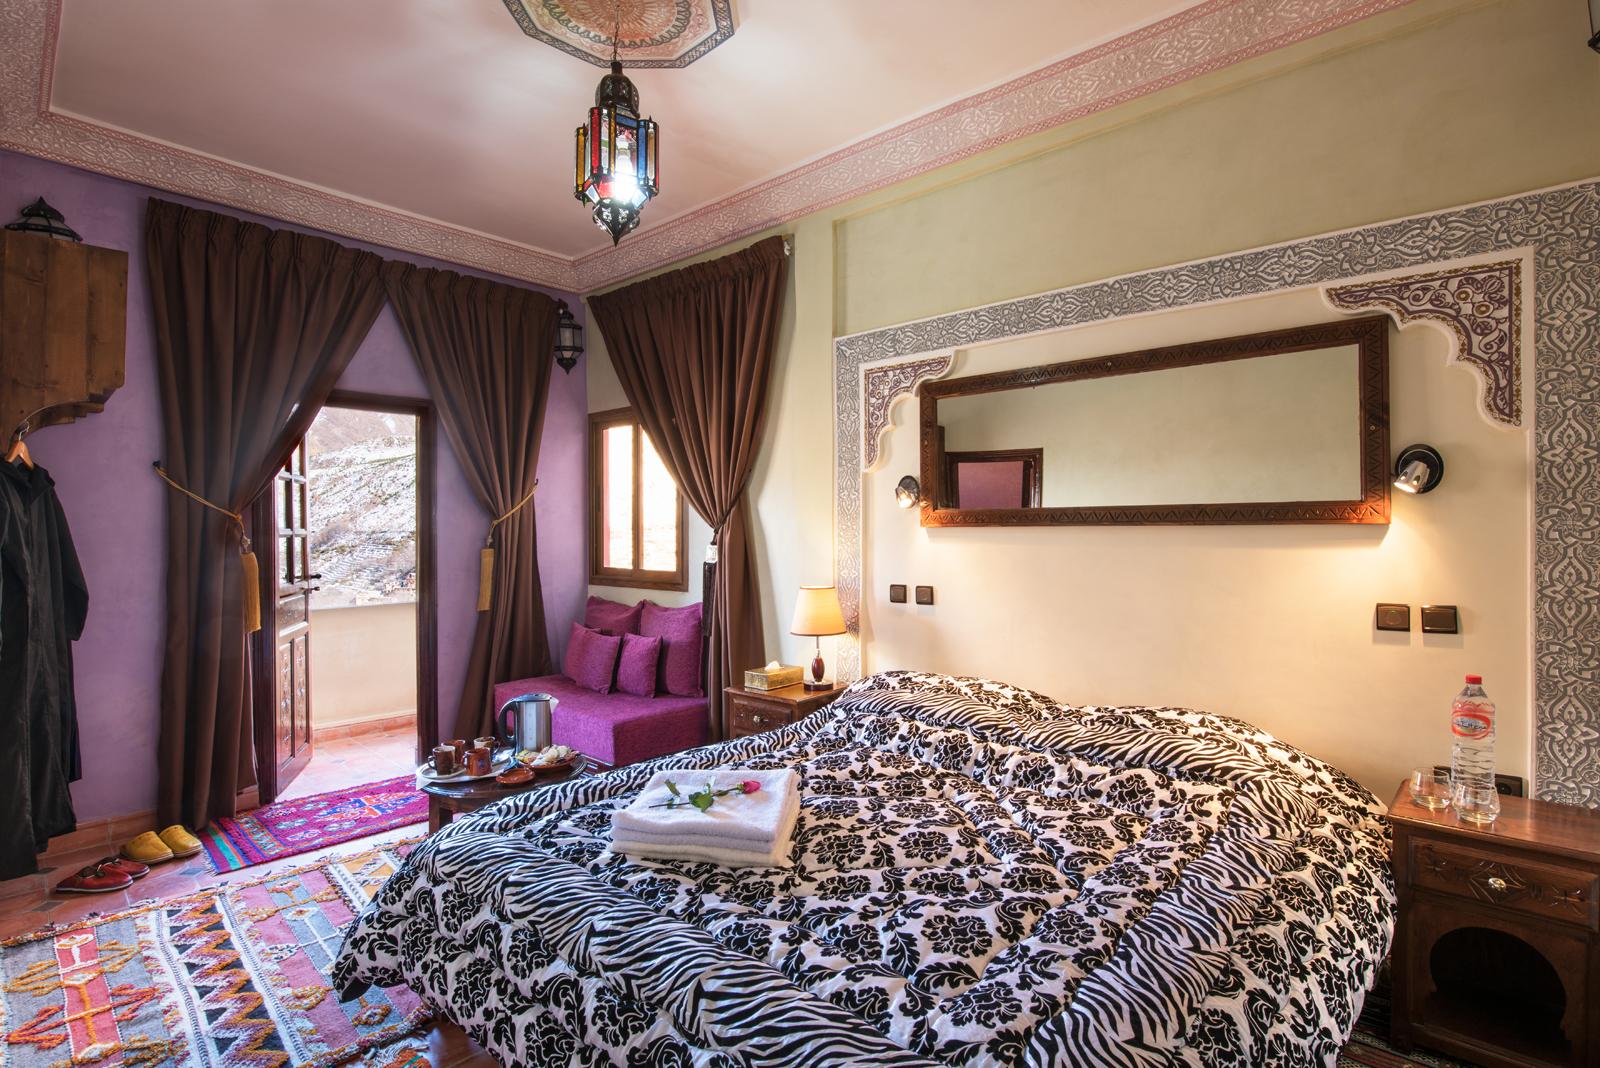 Une nuit dans un appartement pour 2 adultes+1enfant(-12ans) en DP à Riad Atlas Prestige seulement à 430 dh!!!